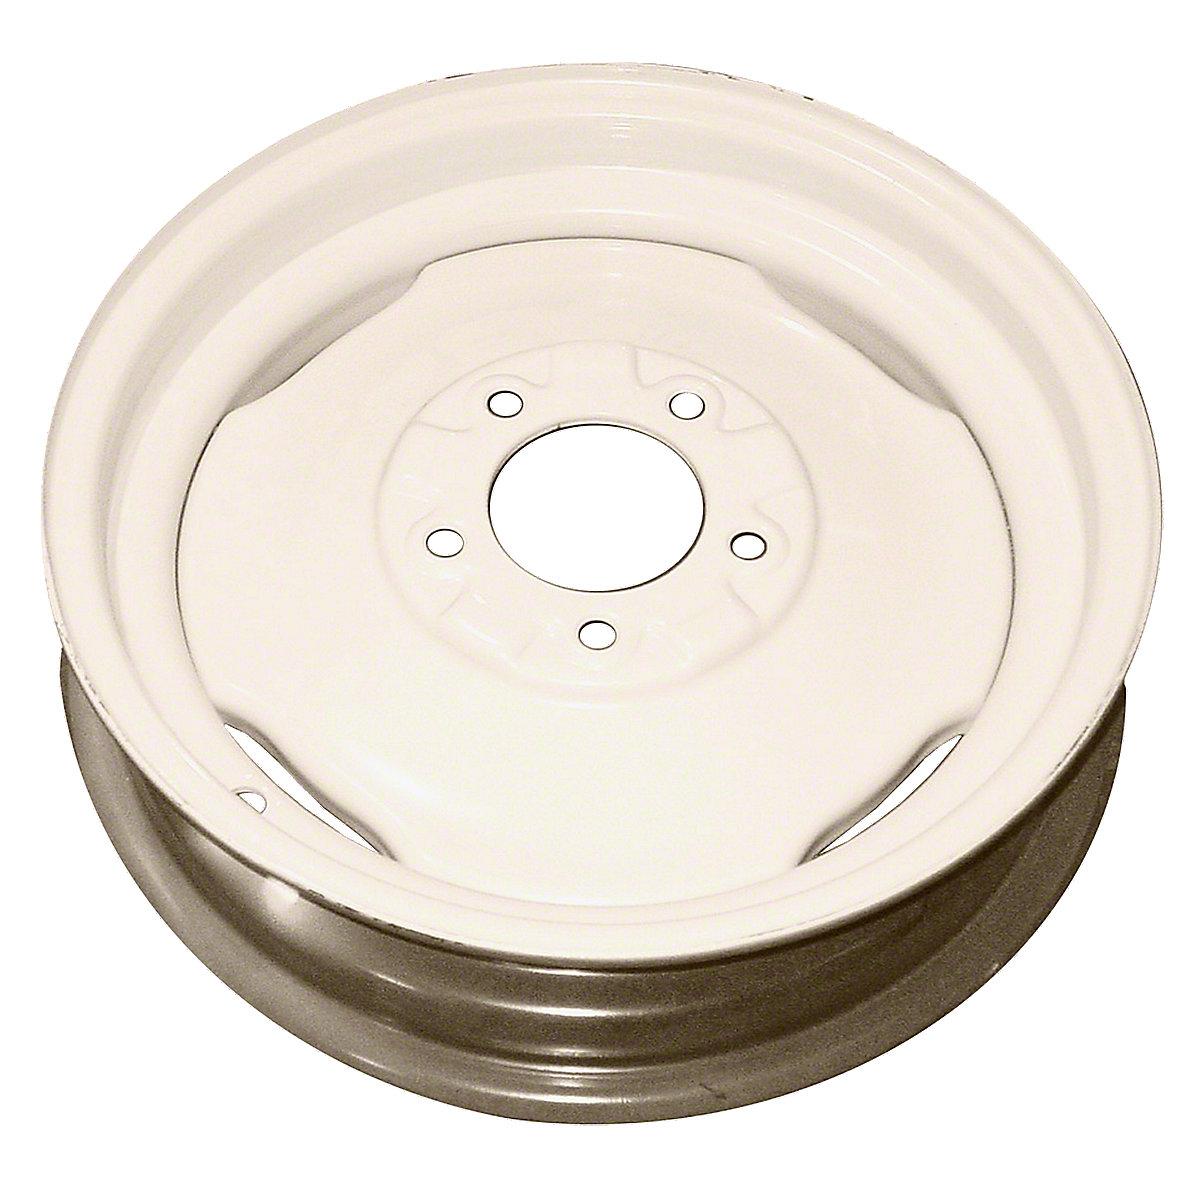 4.25X16 Front Wheel For Allis Chalmers: D10, D12, D14, D15, D17, WC, WD, WD45, WF.